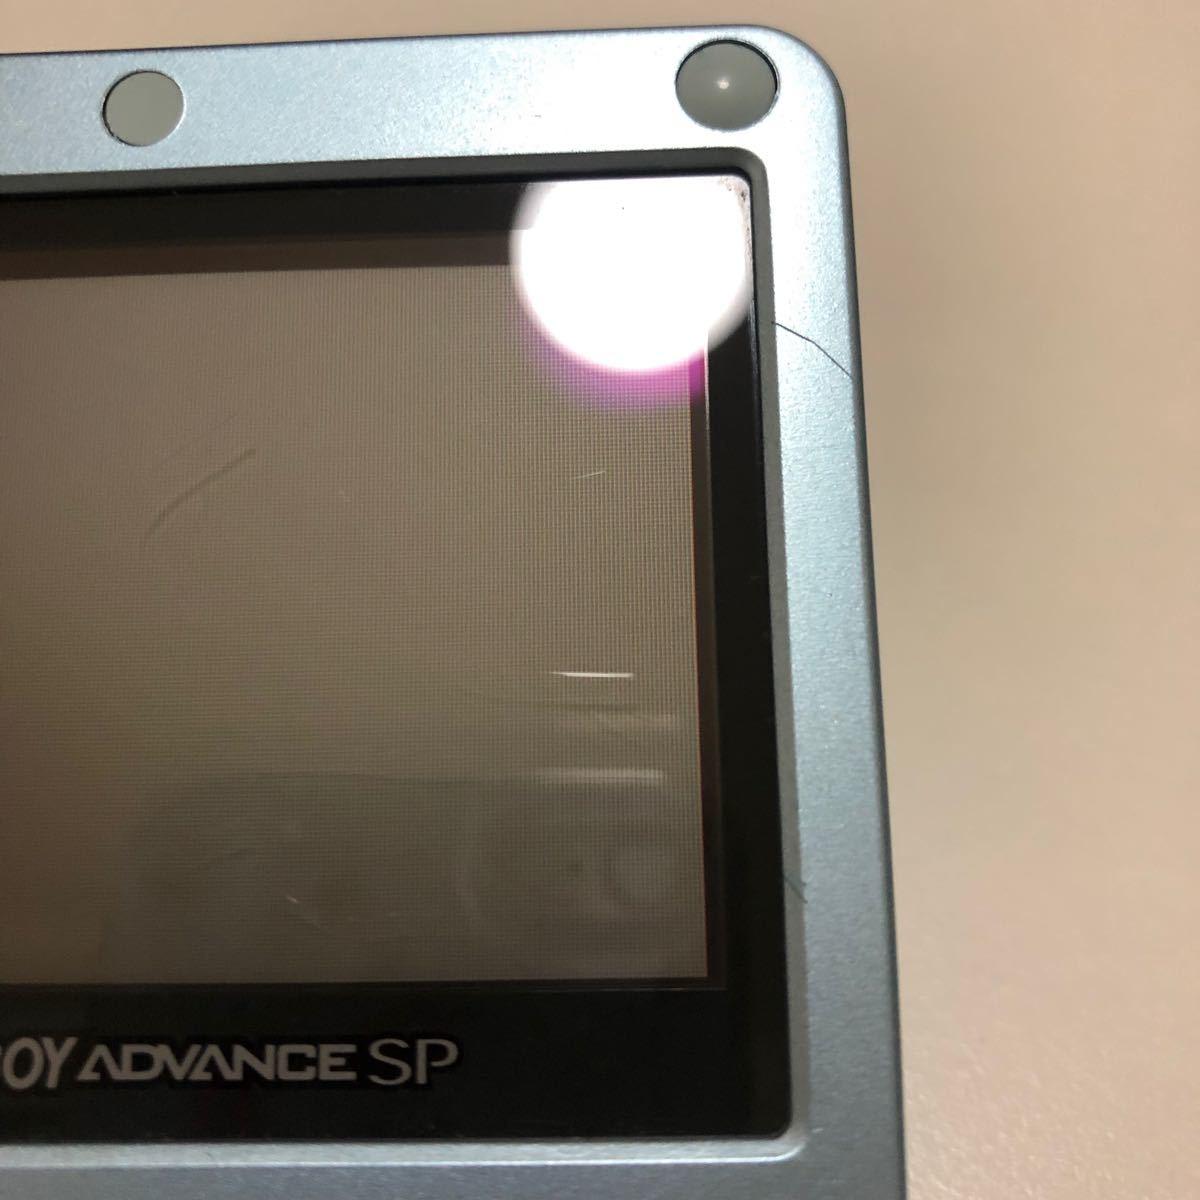 ゲームボーイアドバンスSP  充電器セット